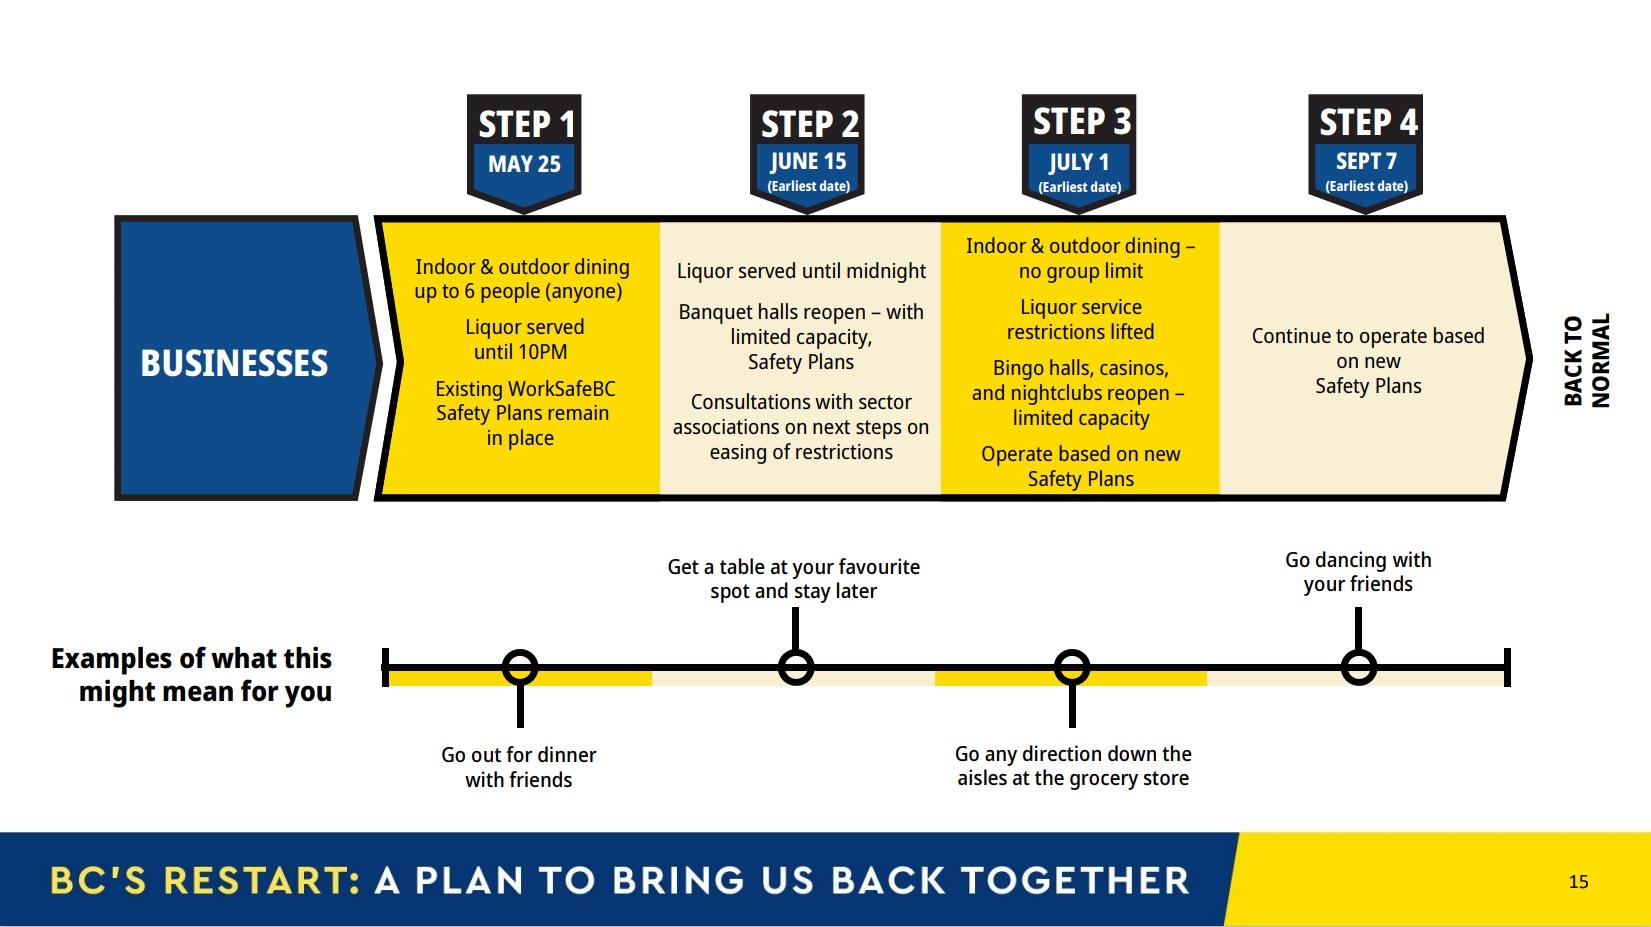 B.C. restart plan businesses